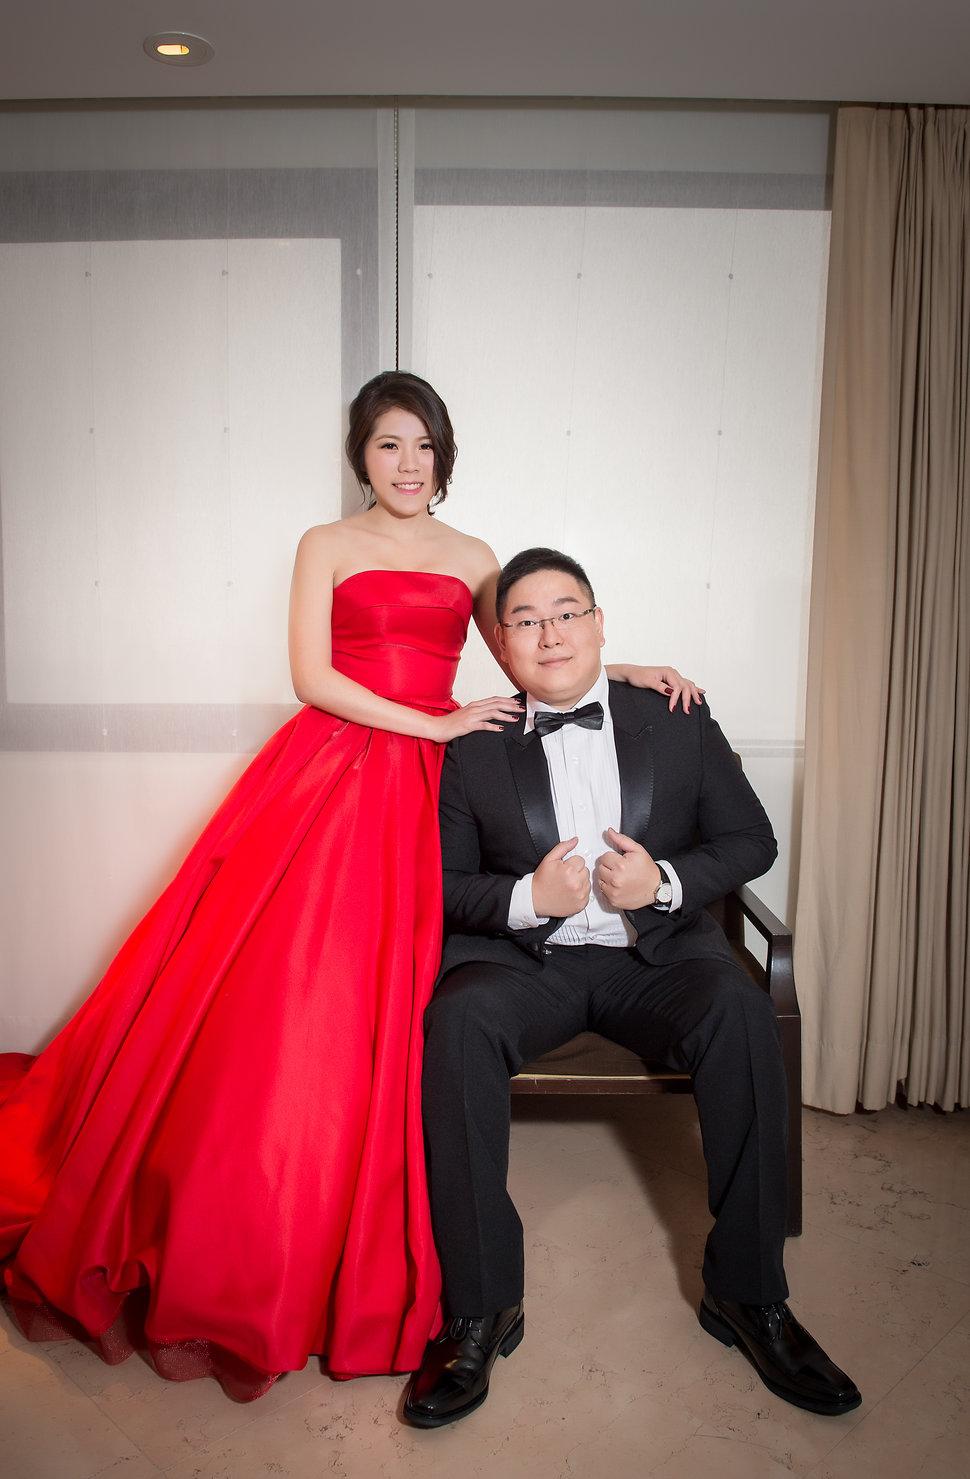 [台北婚攝] 文定婚禮紀錄 台北君悅酒店(編號:432028) - Allen影像團隊 Love Story - 結婚吧